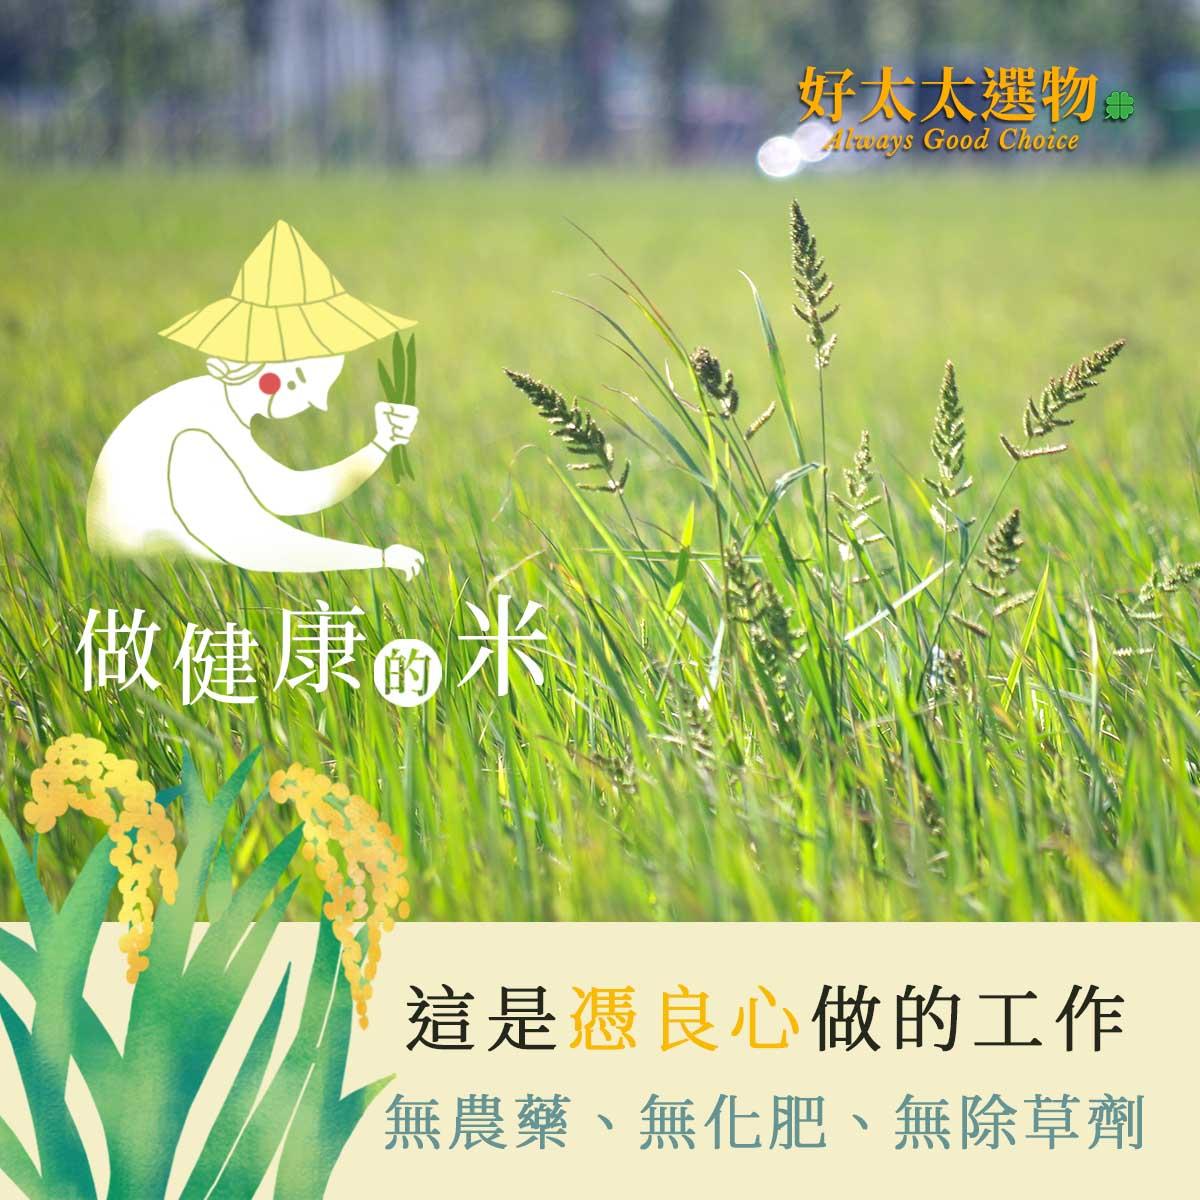 只做健康的米,做農職人也有他的社會責任,做食材的更是要憑良心做。